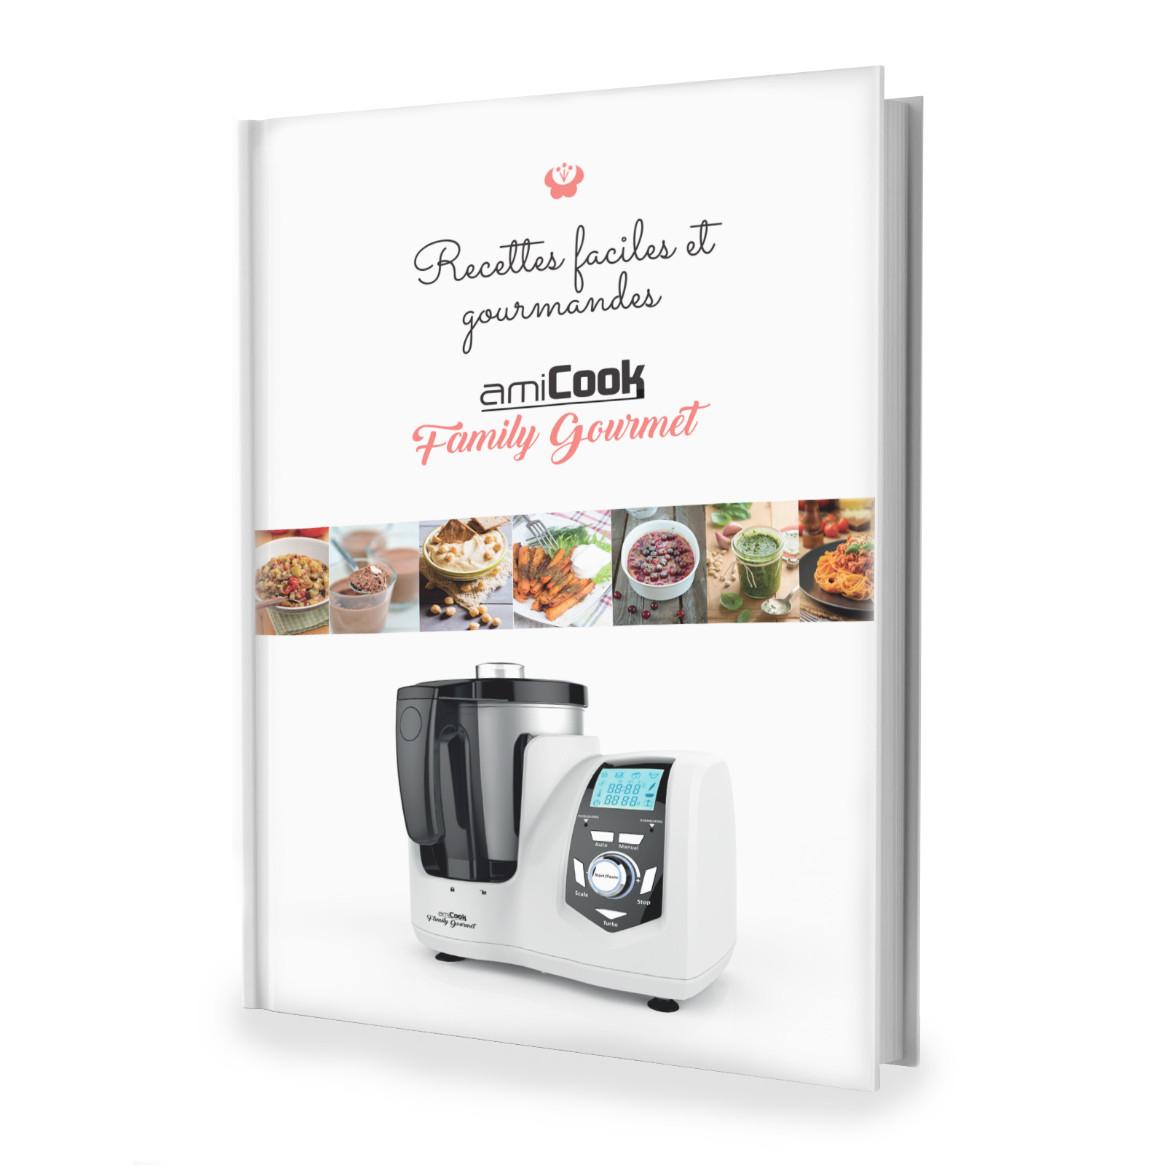 Livre de recettes pour l 39 amicook family gourmet bestofrobots for Livre cuisiner au robot cuiseur